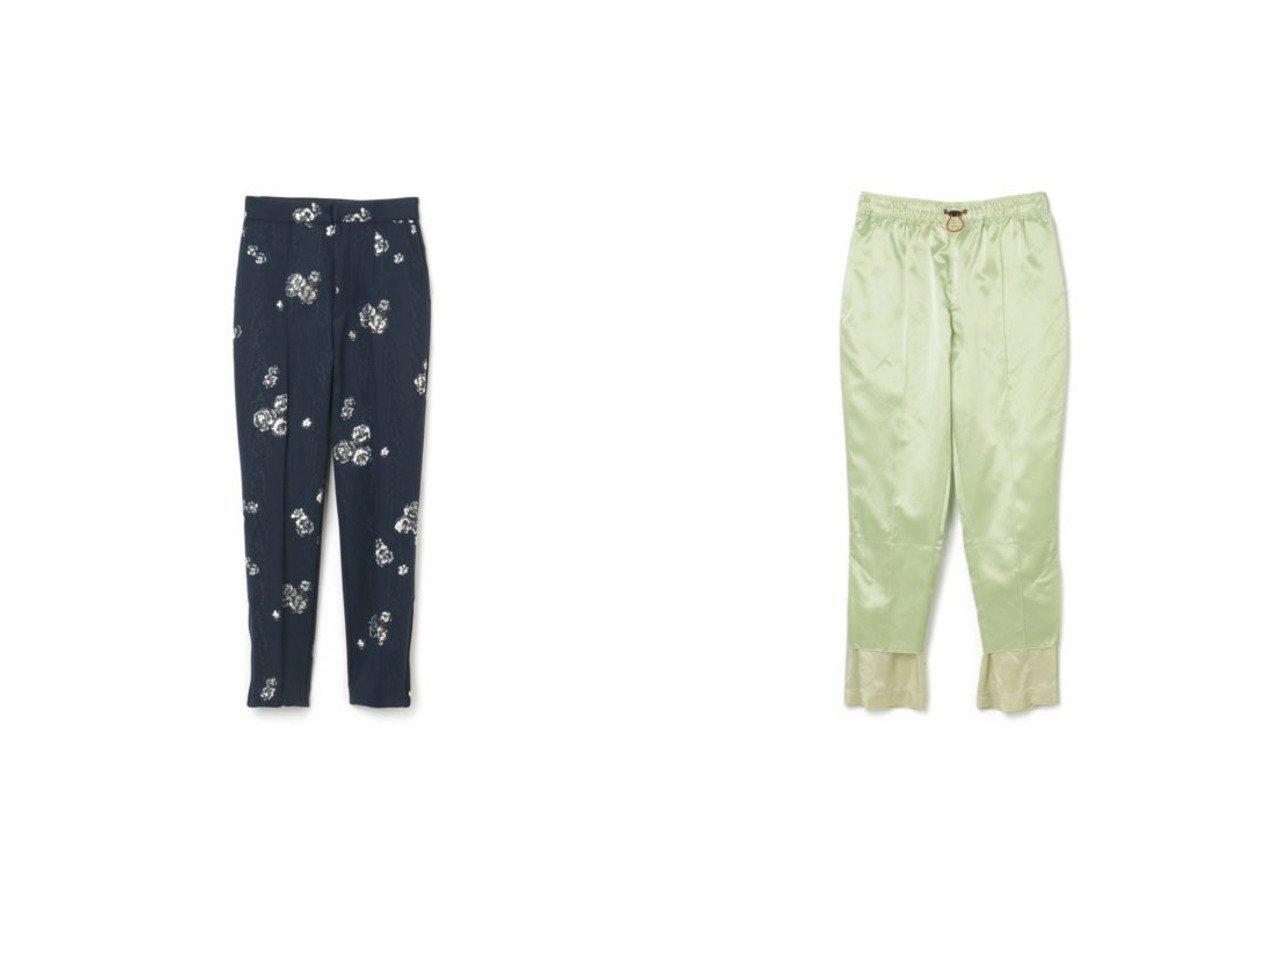 【TOGA/トーガ】のMoire print pants&Acetate satin pants 【パンツ】おすすめ!人気、トレンド・レディースファッションの通販  | レディースファッション・服の通販 founy(ファニー)